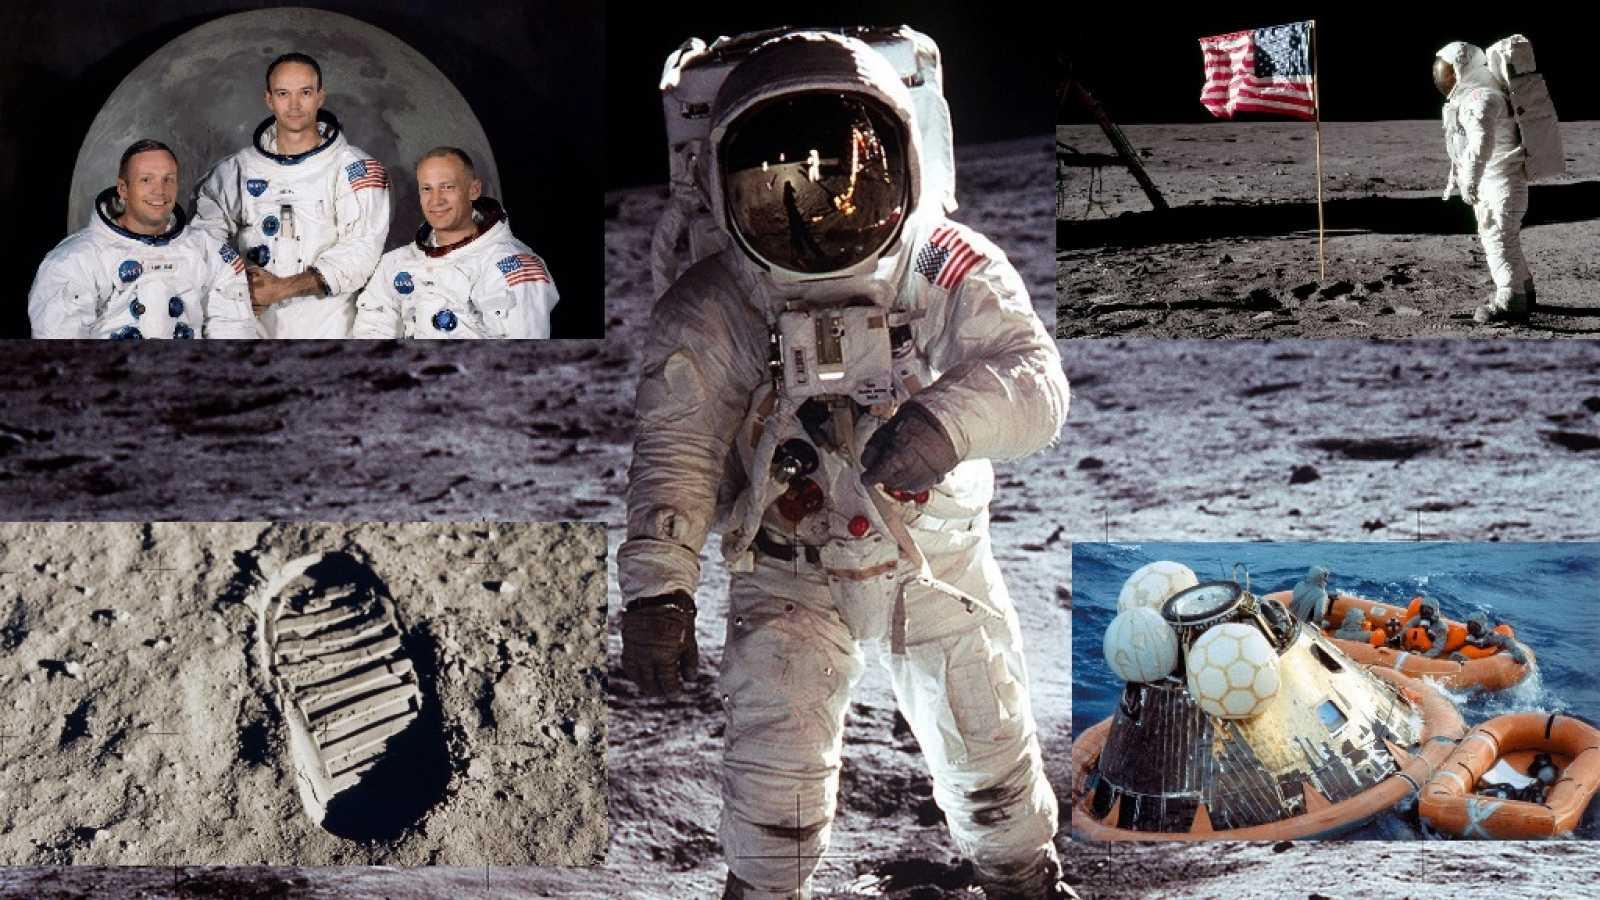 Especial informativo - Especial 50 Aniversario de la llegada a la Luna - ver ahora